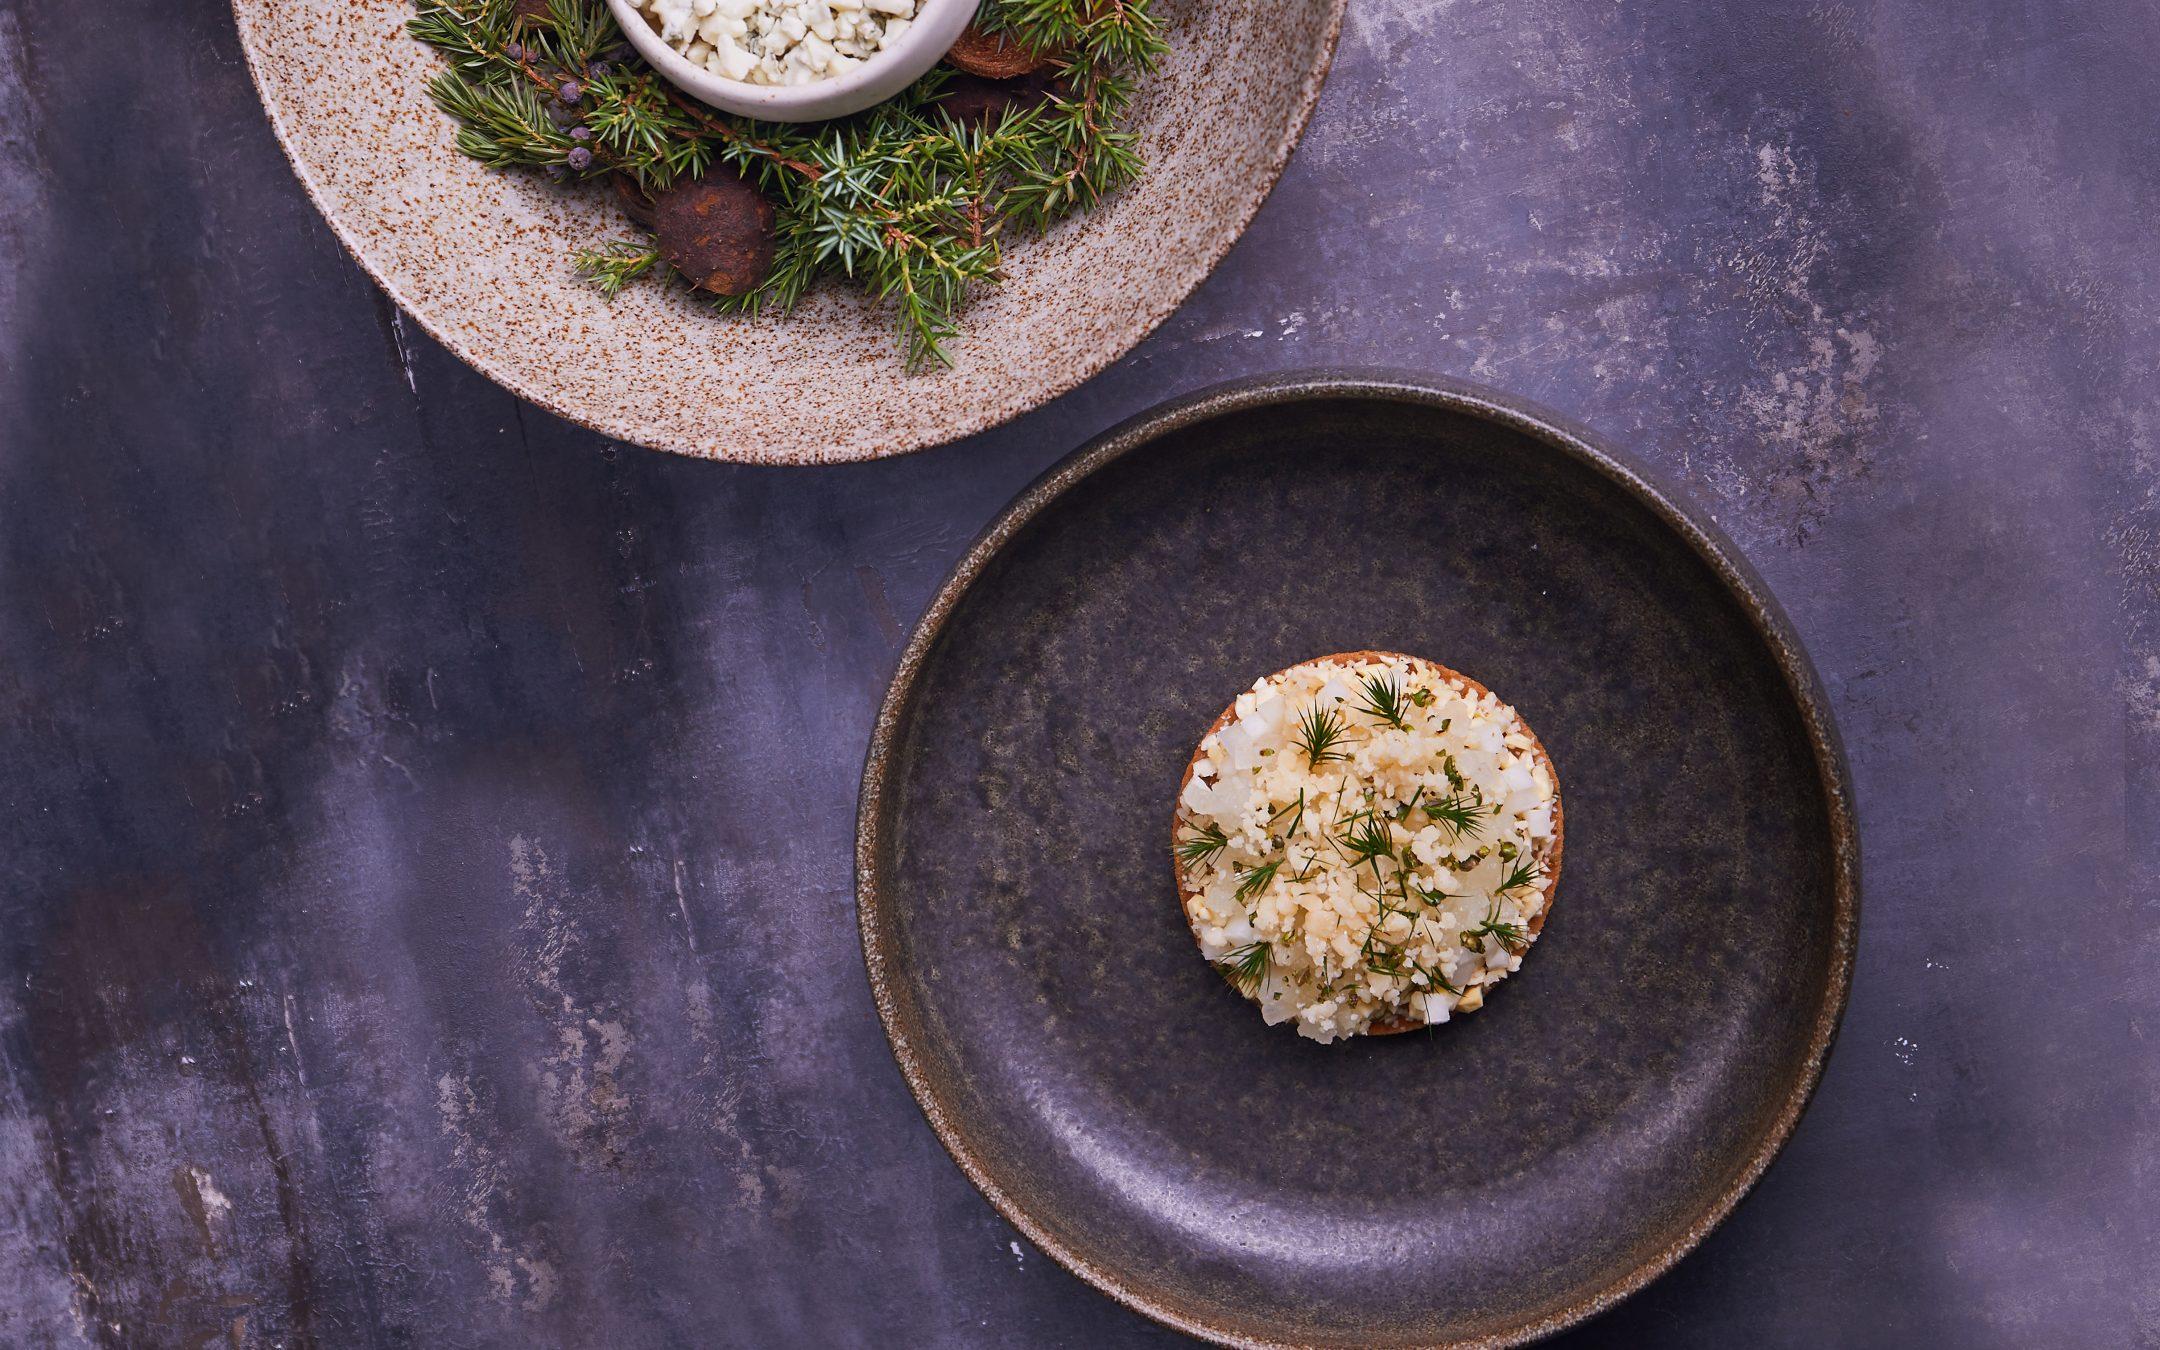 Sådan laver du Formel B's opskrift på ostekiks med pærepuré, dansk gin og 3 danske oste - røget friskost, Hårbølle Mejeri fåreost fra Møn og blåskimmelost.